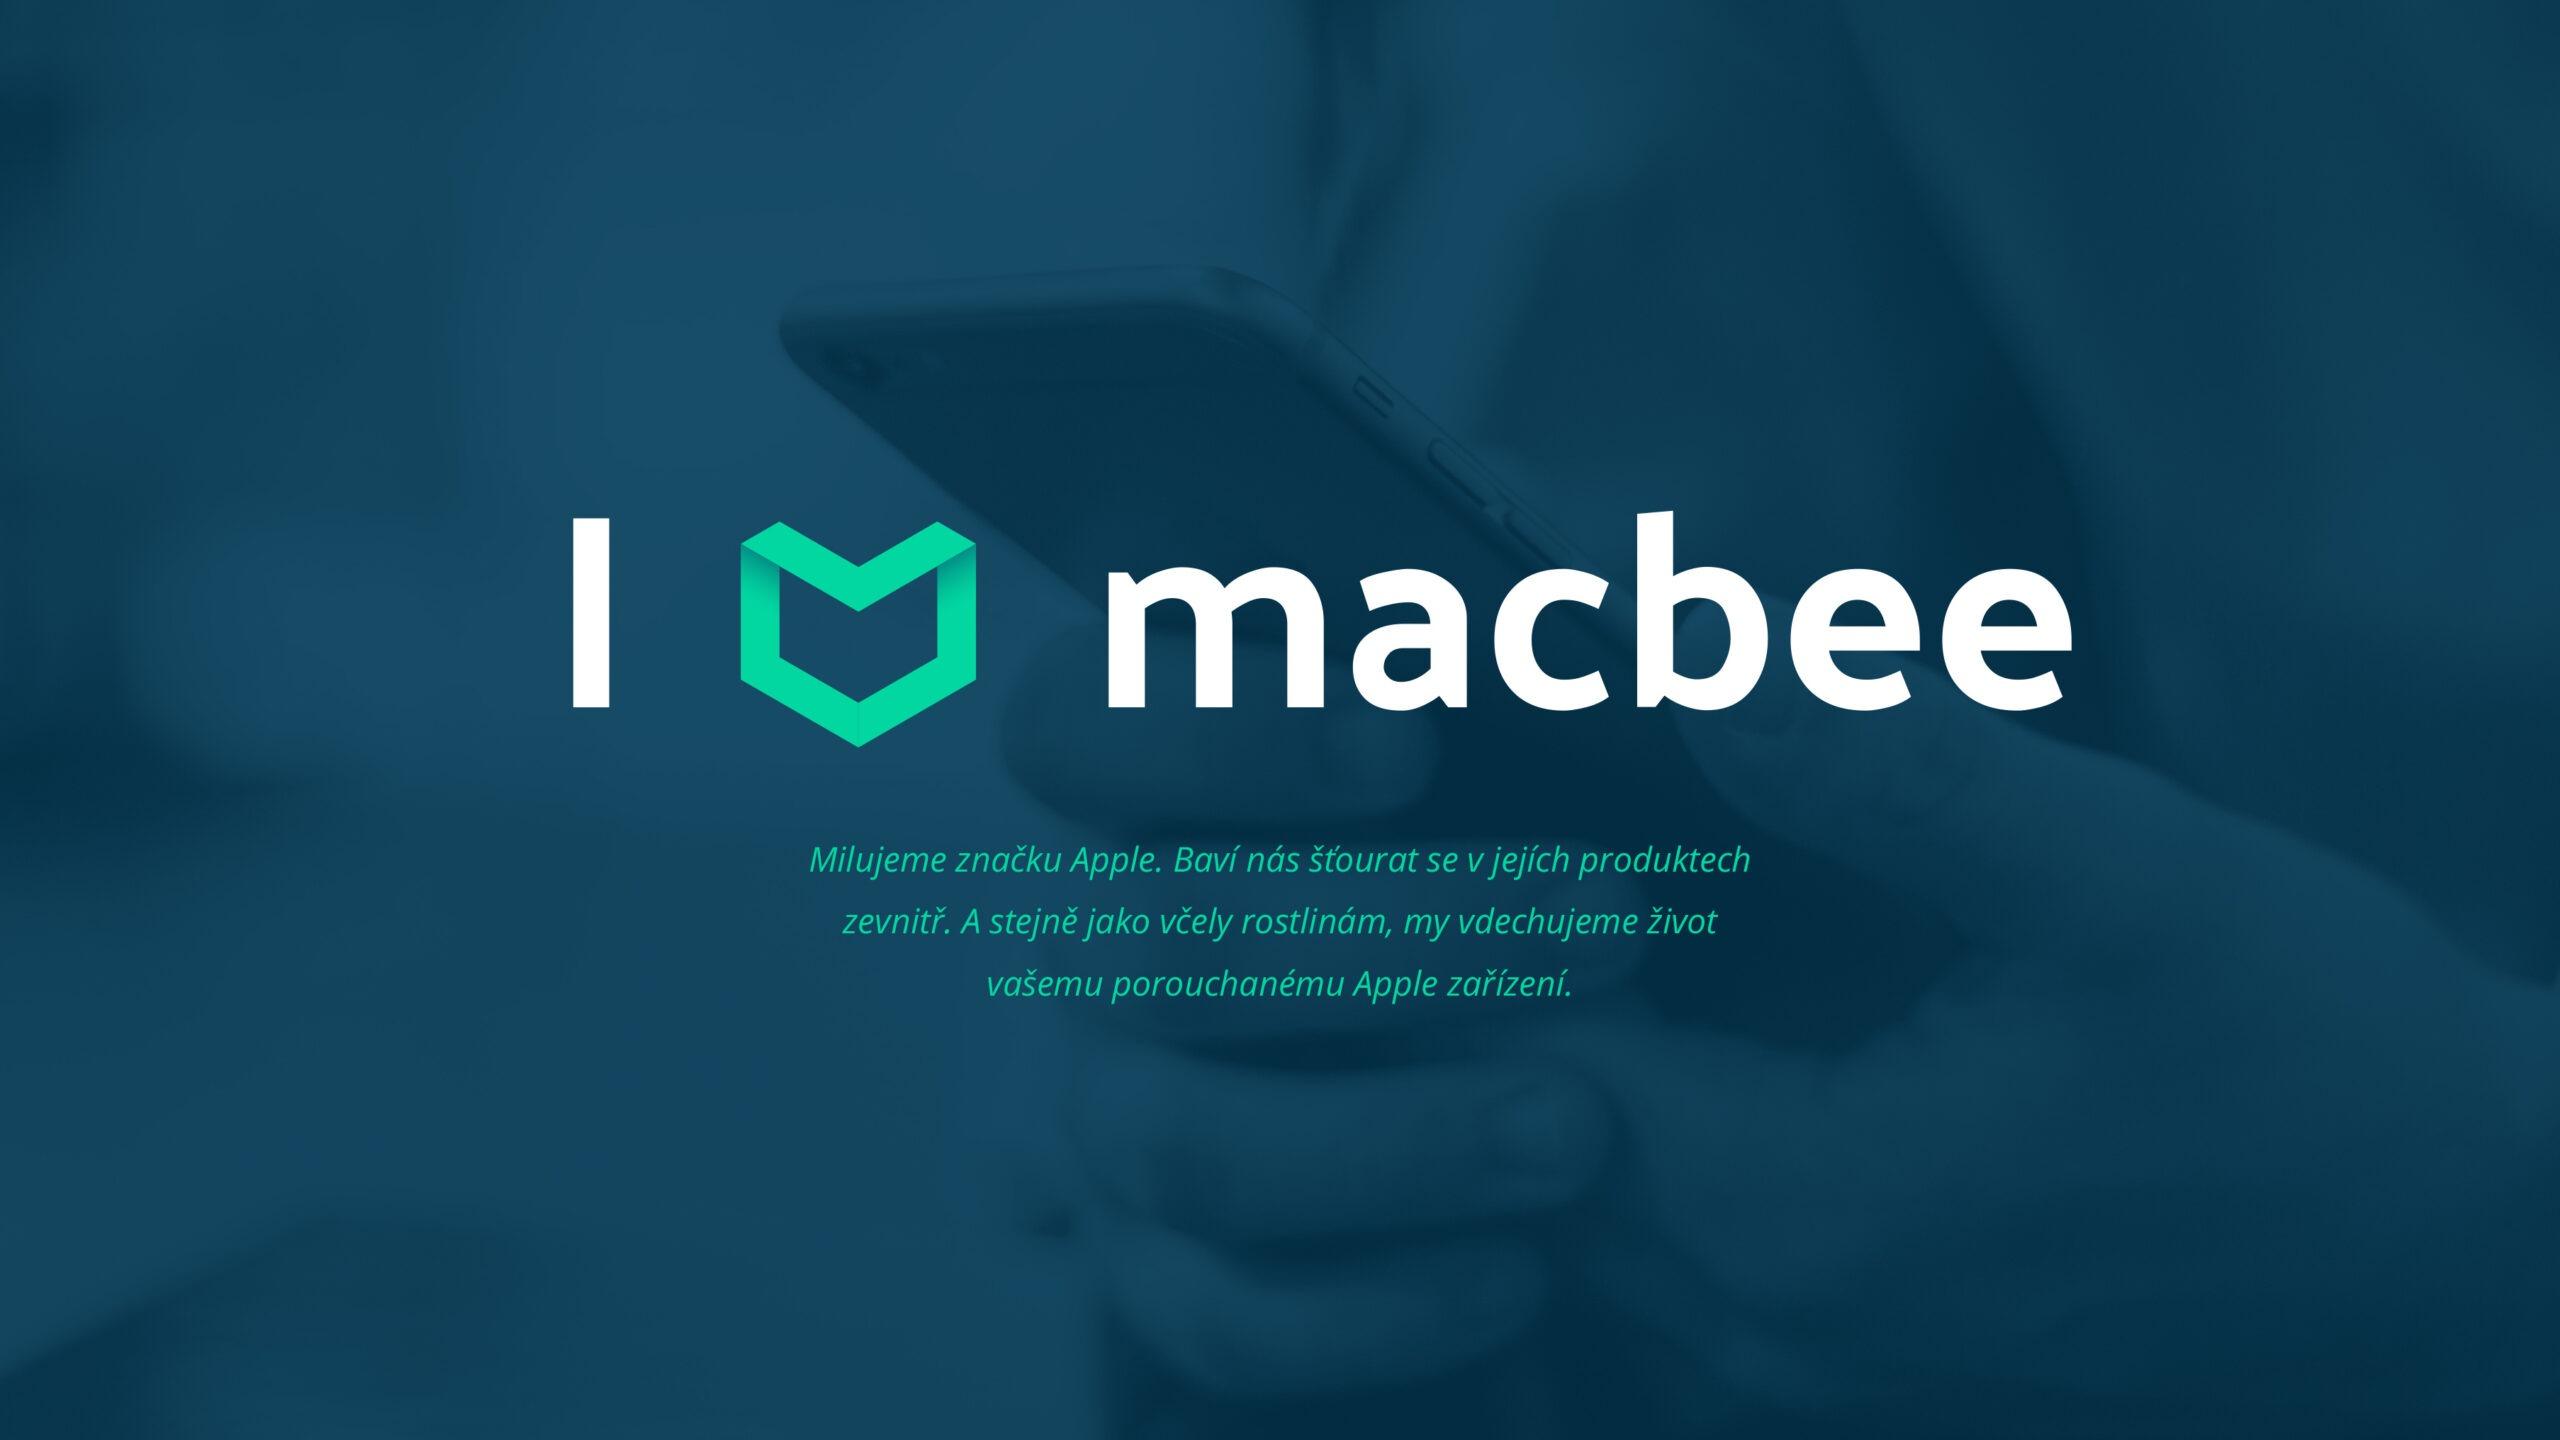 Mac Bee design